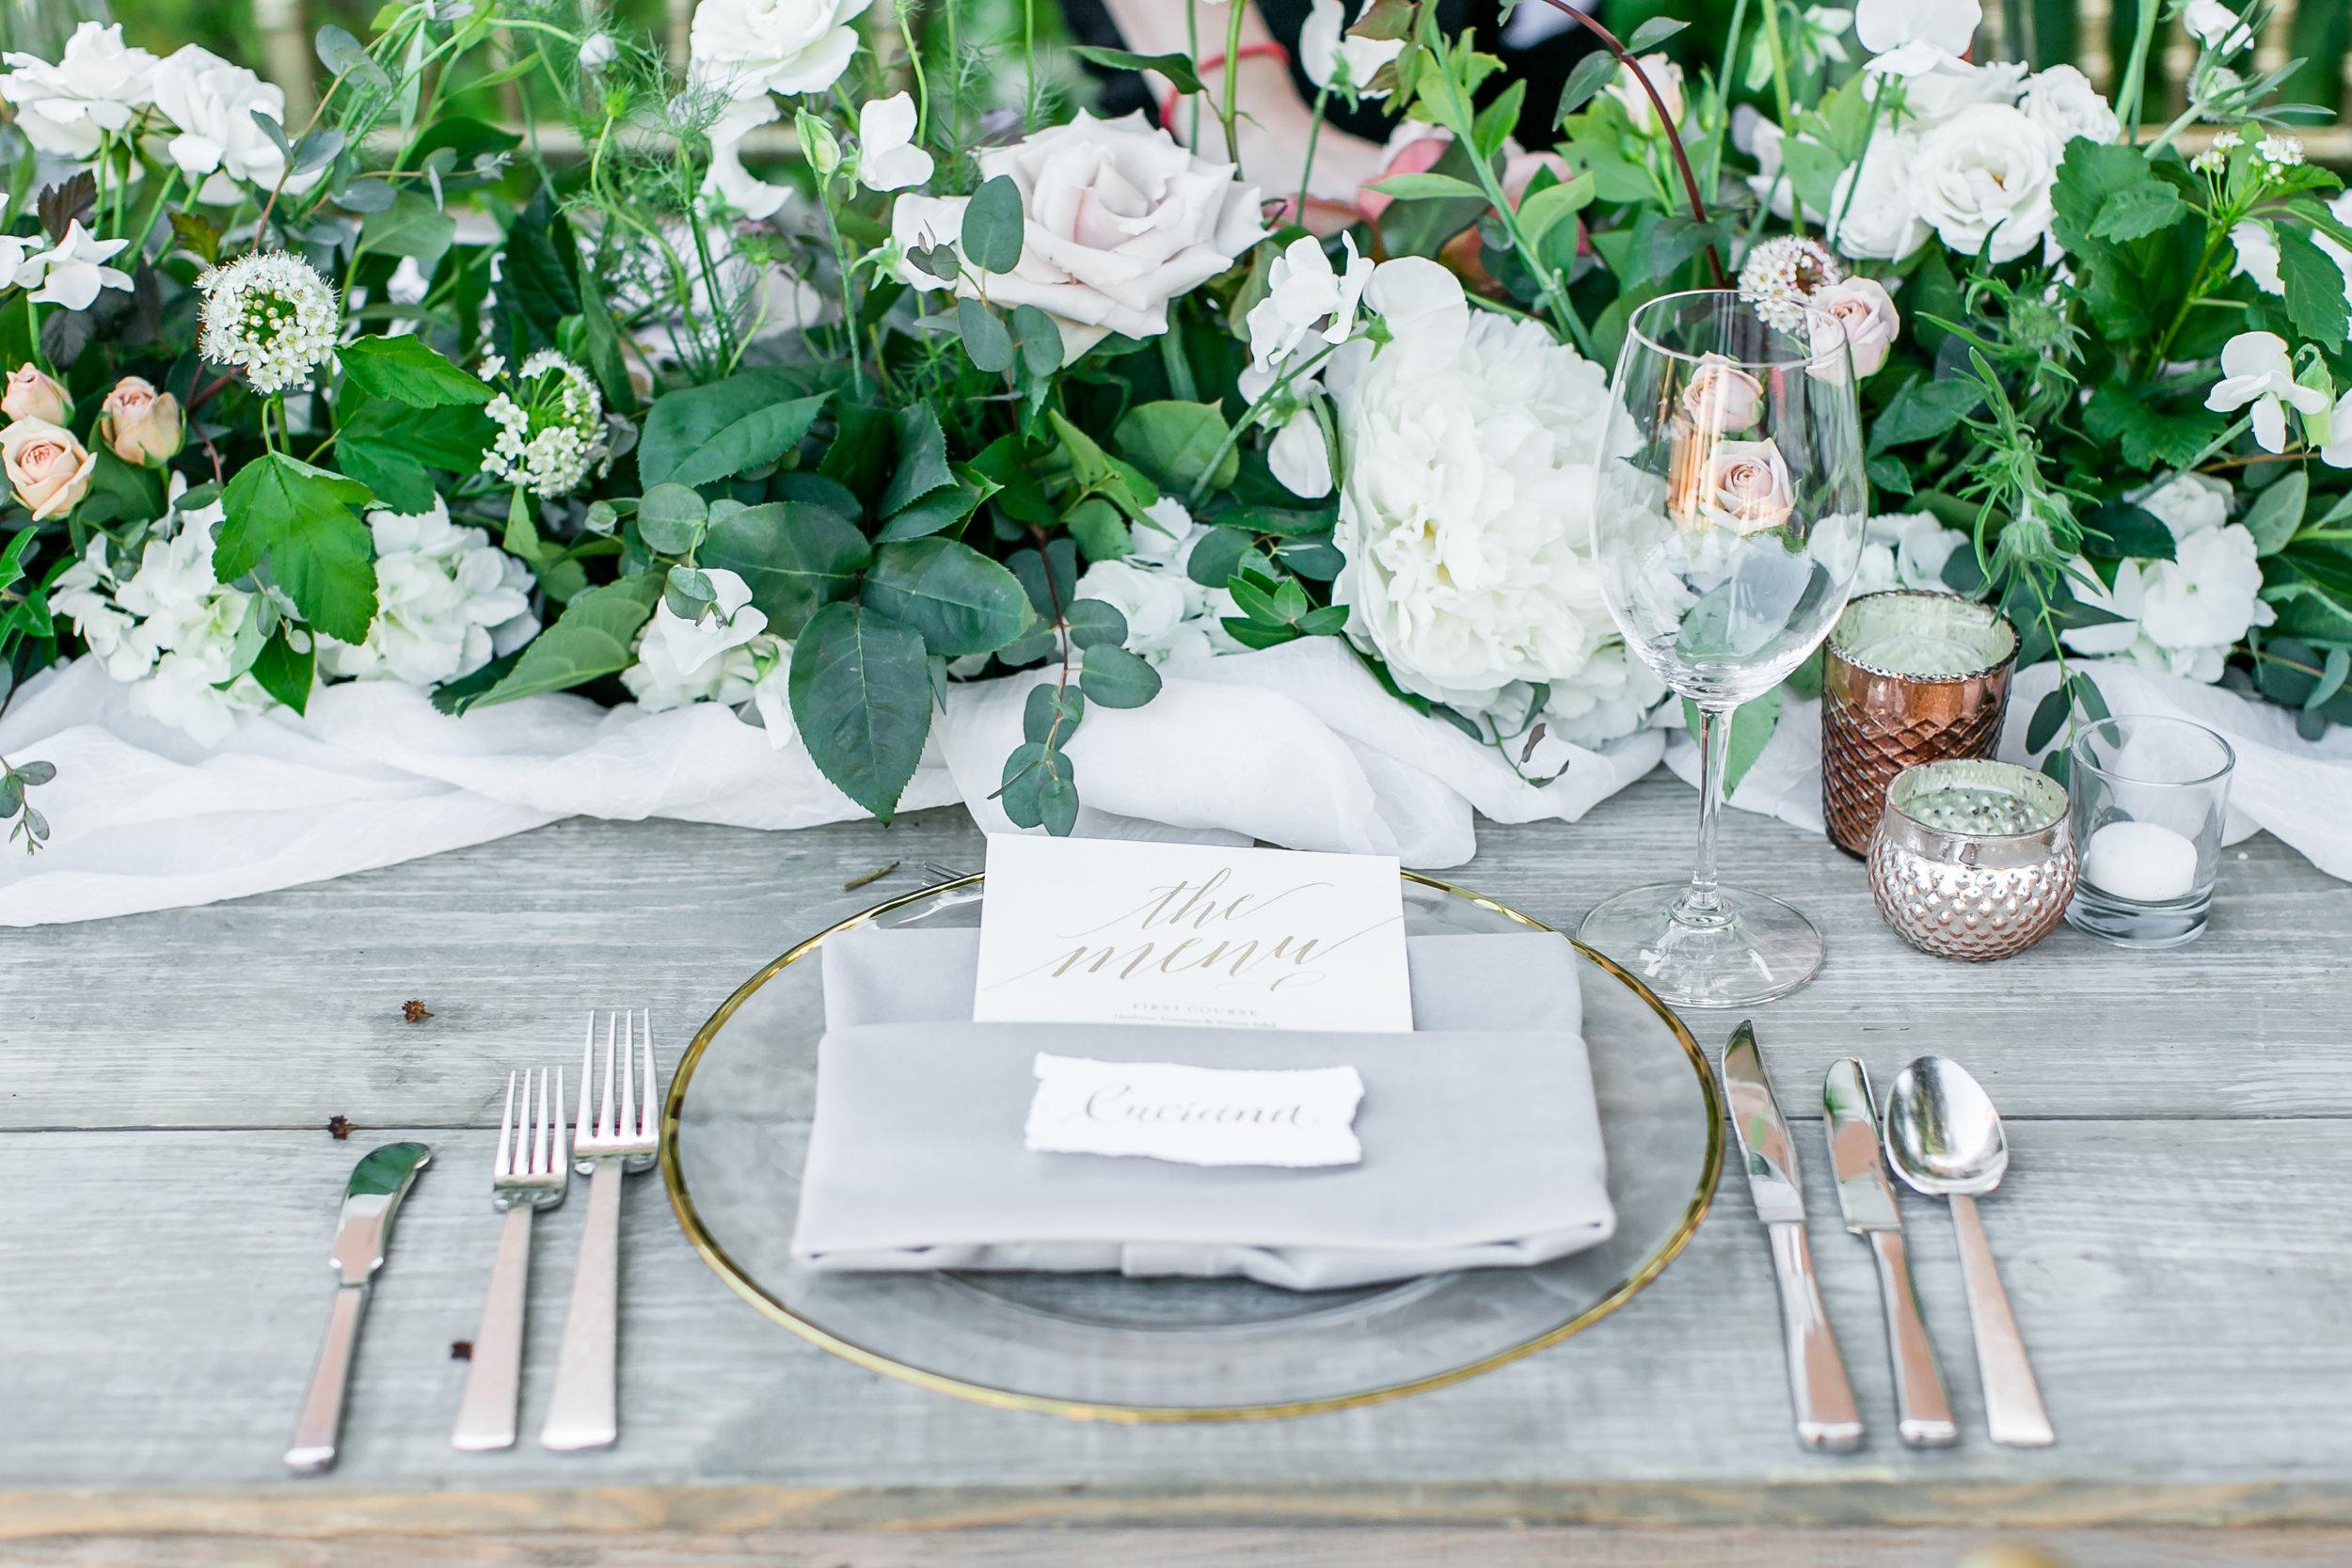 Julie_Ferneau-blooms-rancho-valencia-ribeau-wedding-rancho-santa-fe-luxury-garden-wedding-19.jpg